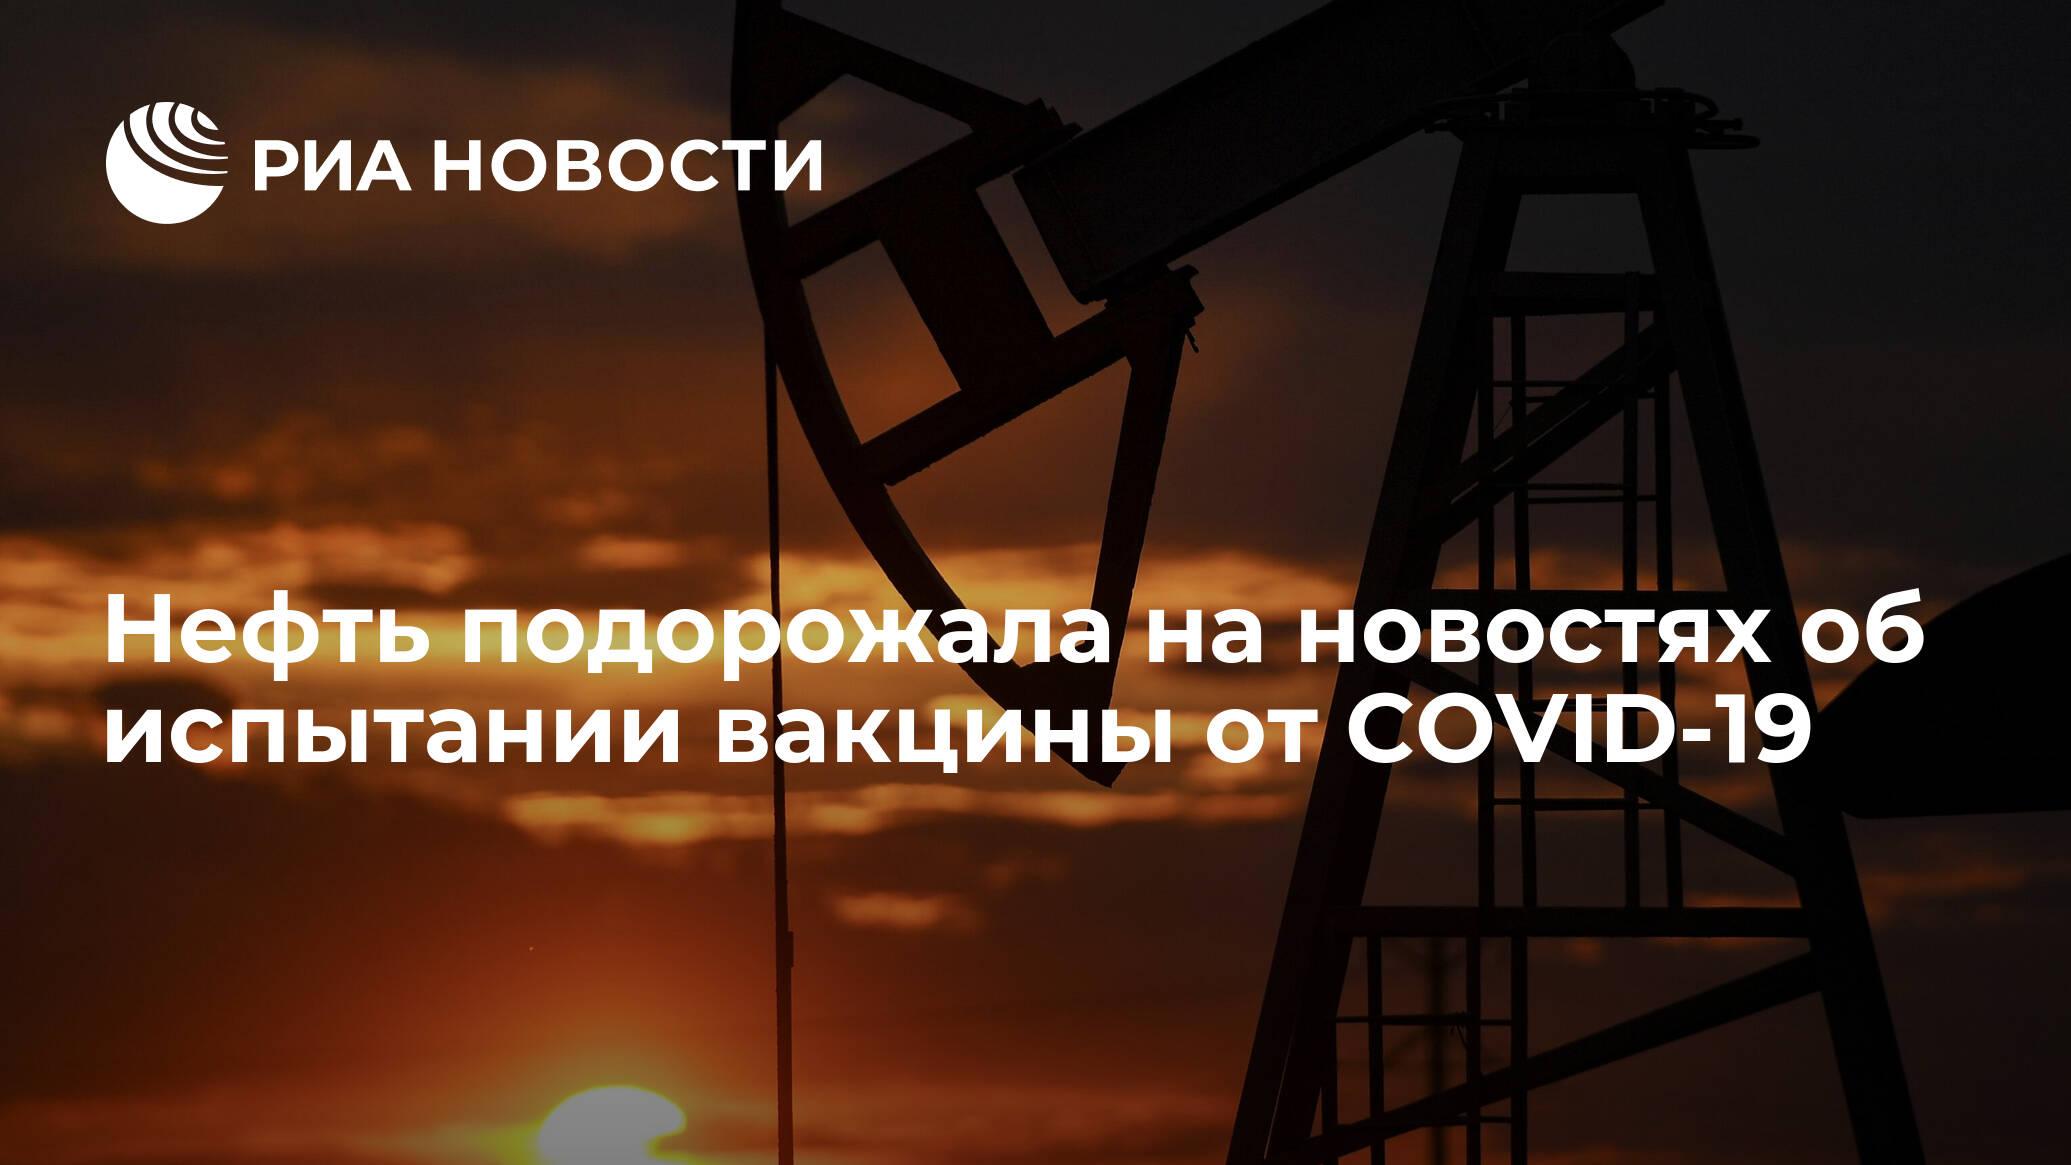 Нефть подорожала на новостях об испытании вакцины от COVID-19 - РИА НОВОСТИ